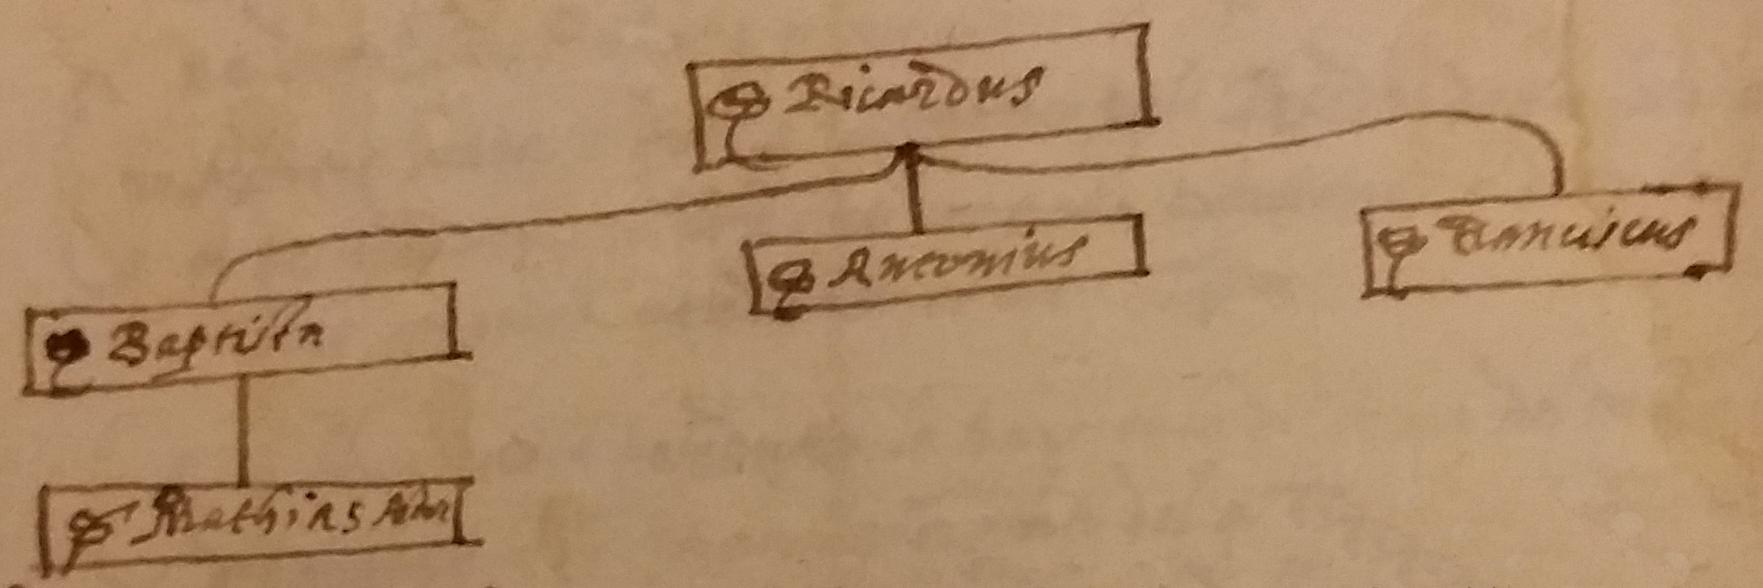 Parte di albero genealogico da atto notarile, dall'Archivio del Dott. Alberto Asquini